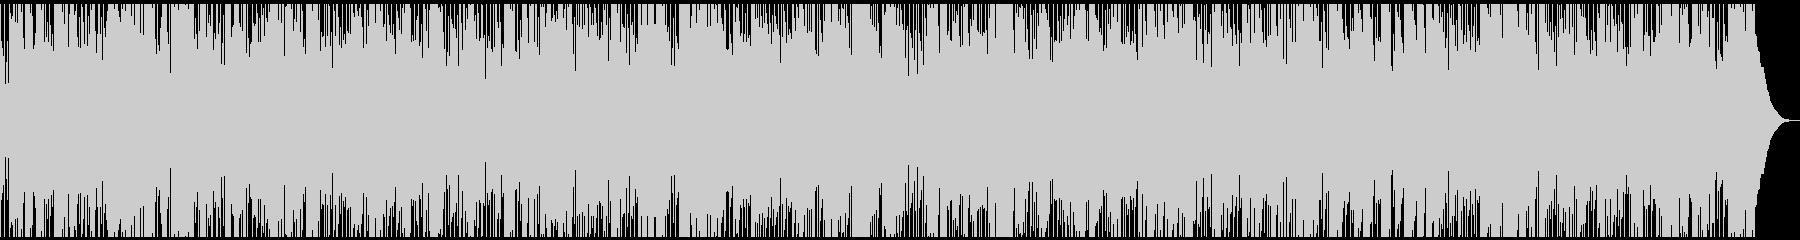 生音ハーモニカの軽快アコースティック曲の未再生の波形